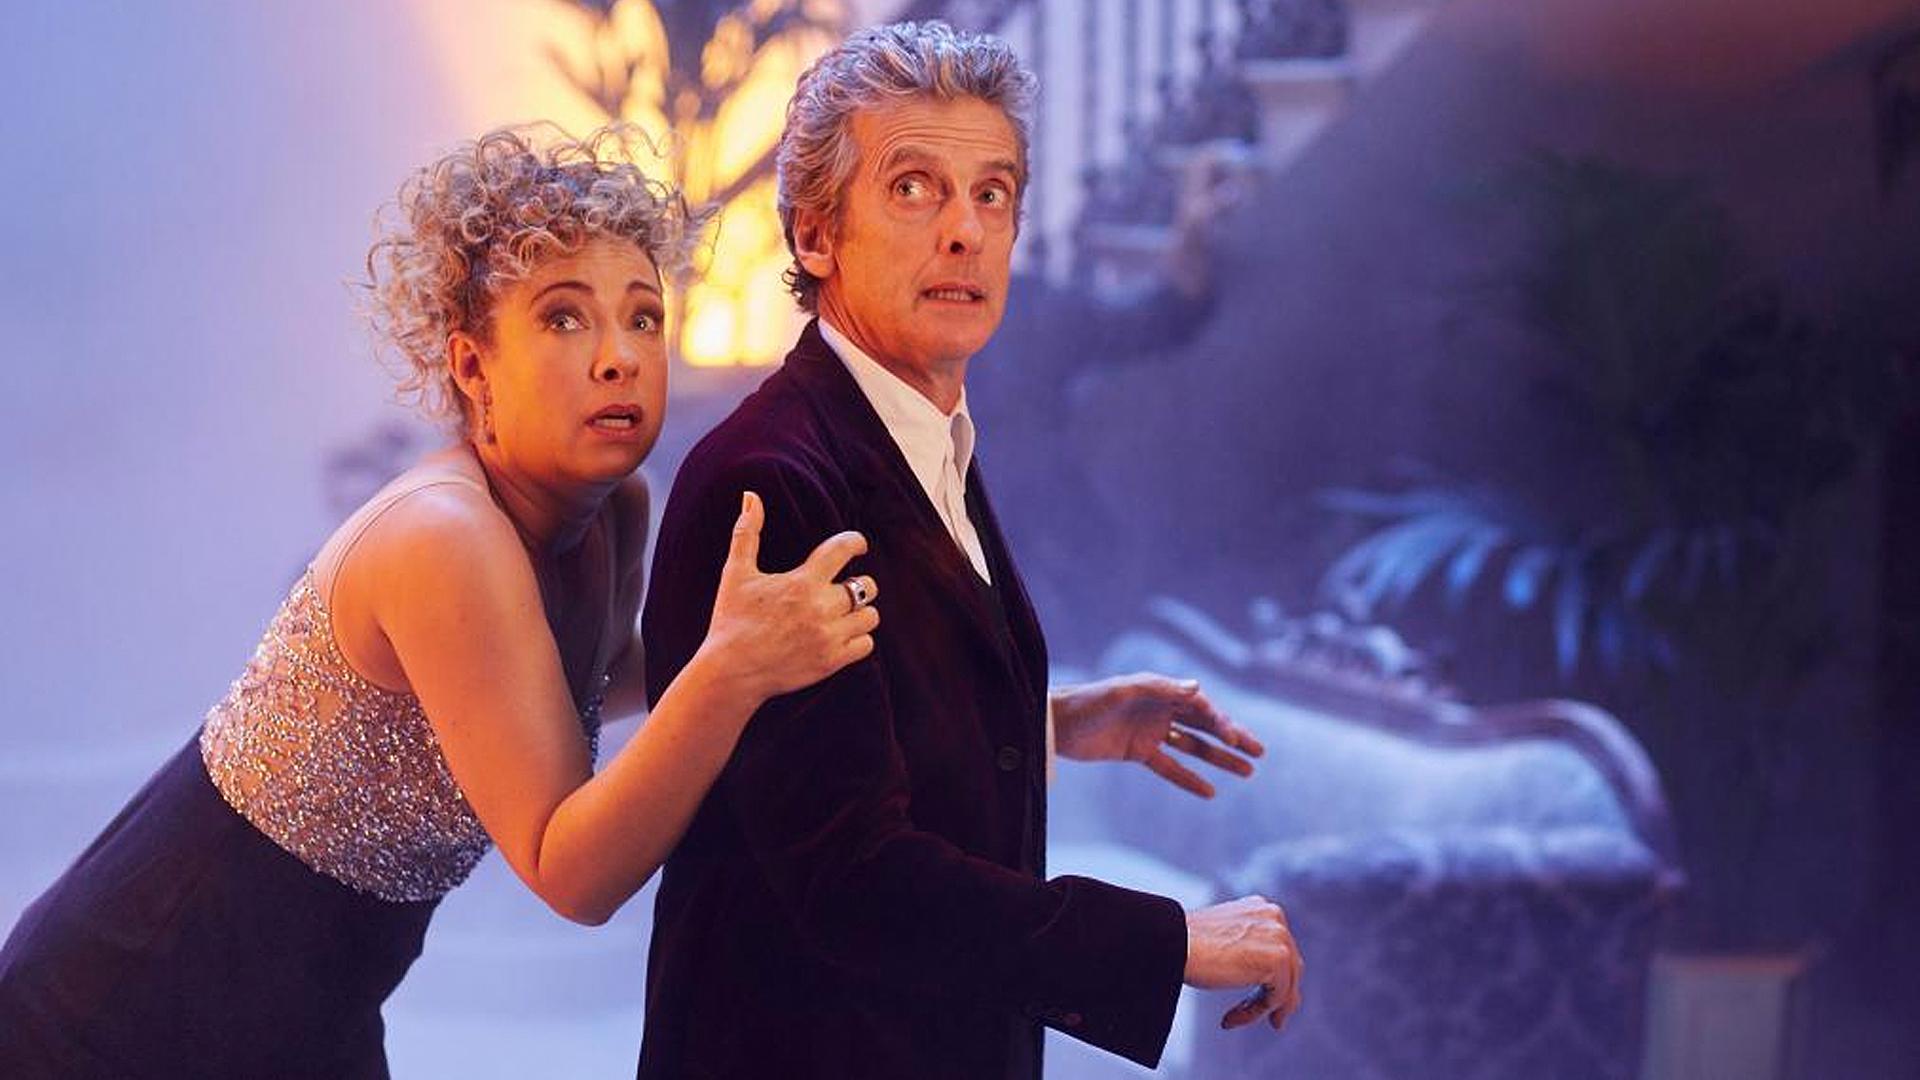 Doctor Who Photos